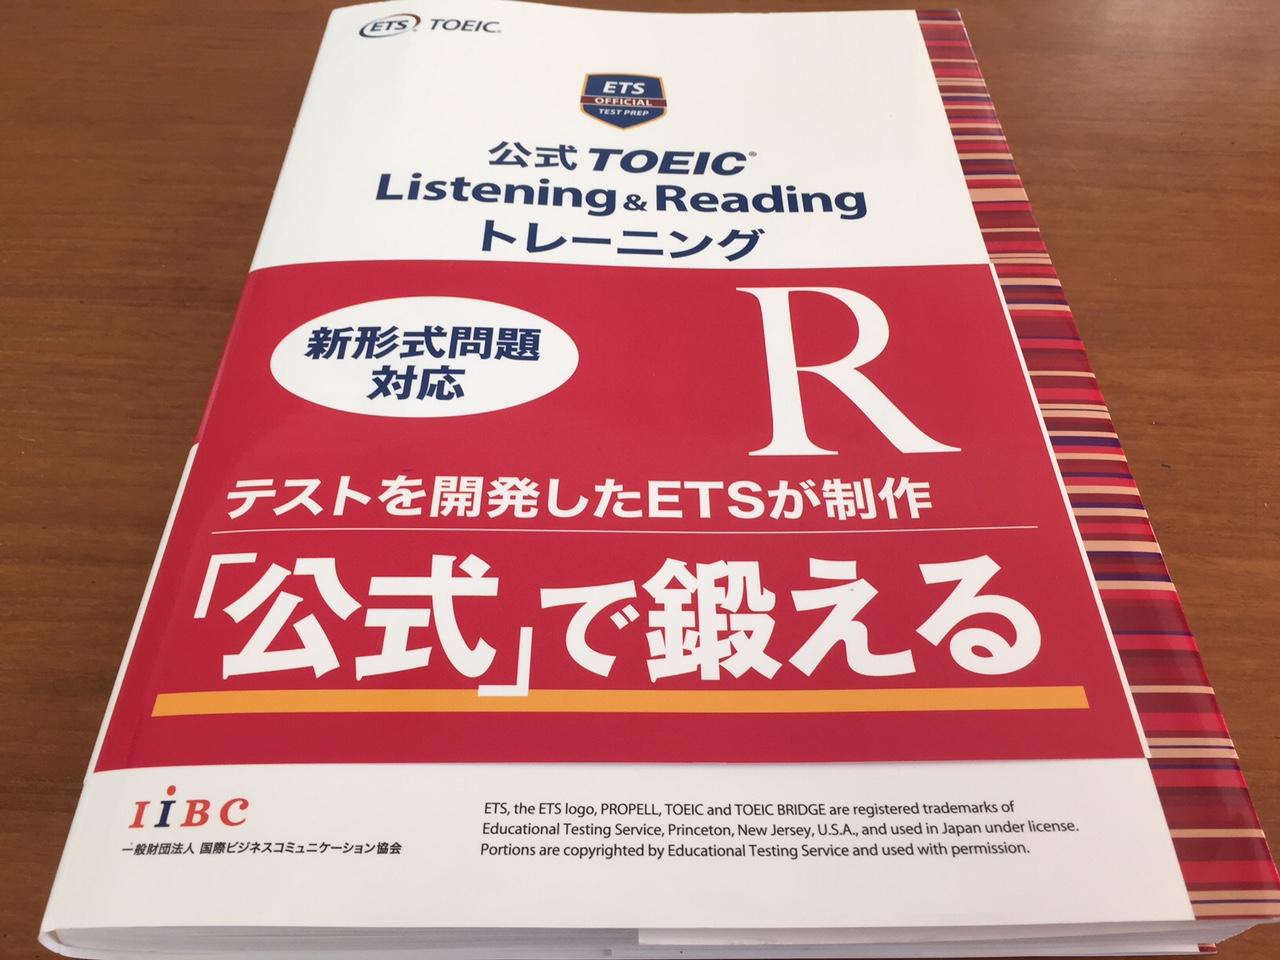 「公式 TOEIC Listening & Reading トレーニング リーディング編」の感想・レビュー ②